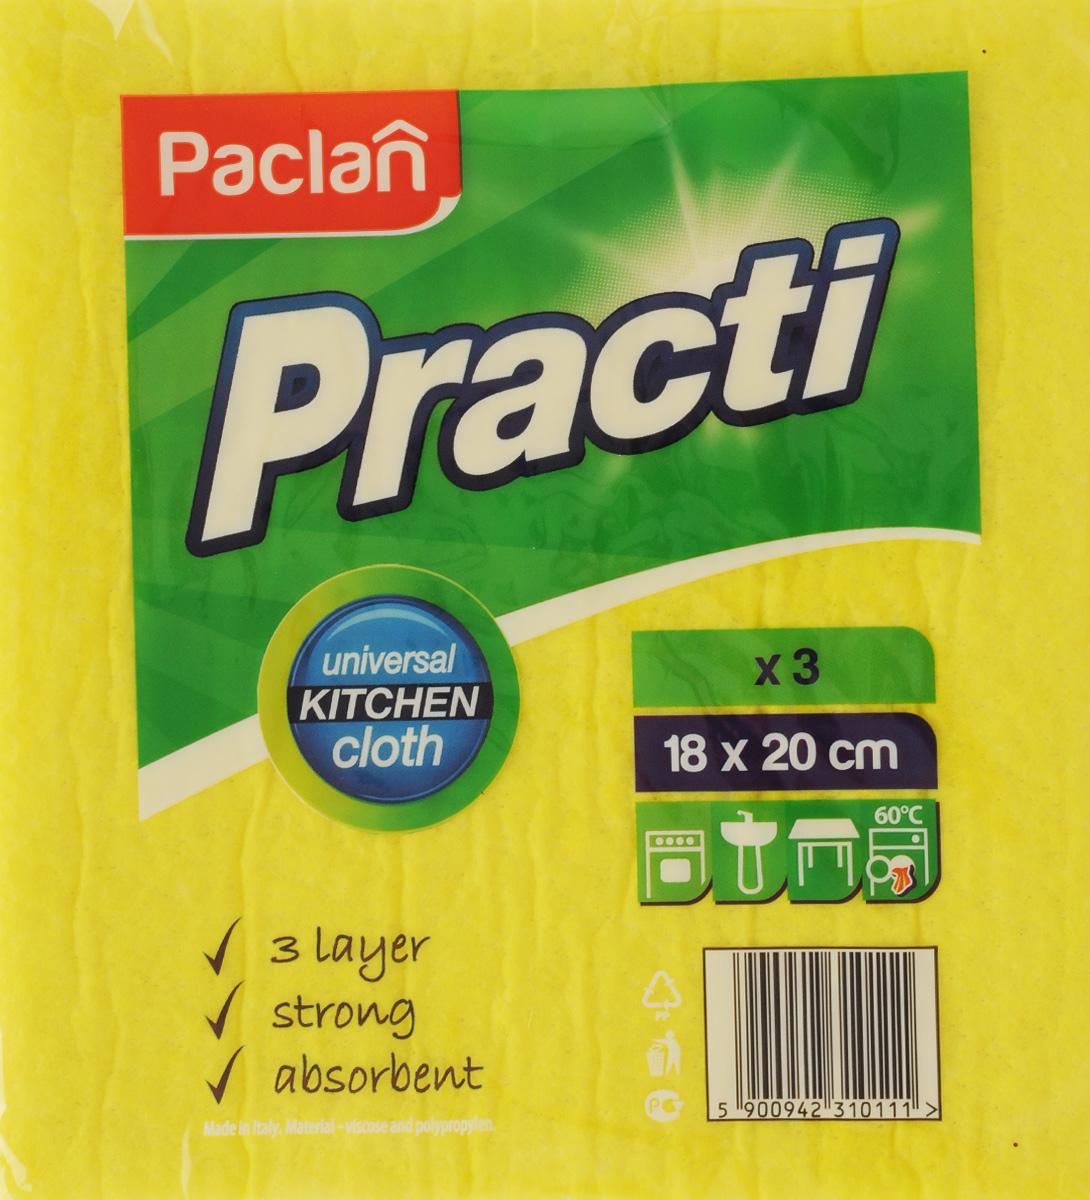 Набор салфеток для уборки Paclan Practi, 18 х 20 см, 3 шт531-105Хозяйственные салфетки Paclan Practi для влажной уборки станут незаменимыми помощниками на кухне и в ванной комнате. Благодаря трем слоям изделия хорошо впитывают влагу и легко выжимаются. Прочные и не твердеют после высыхания, а также не теряют форму.Размер салфетки: 18 х 20 см.